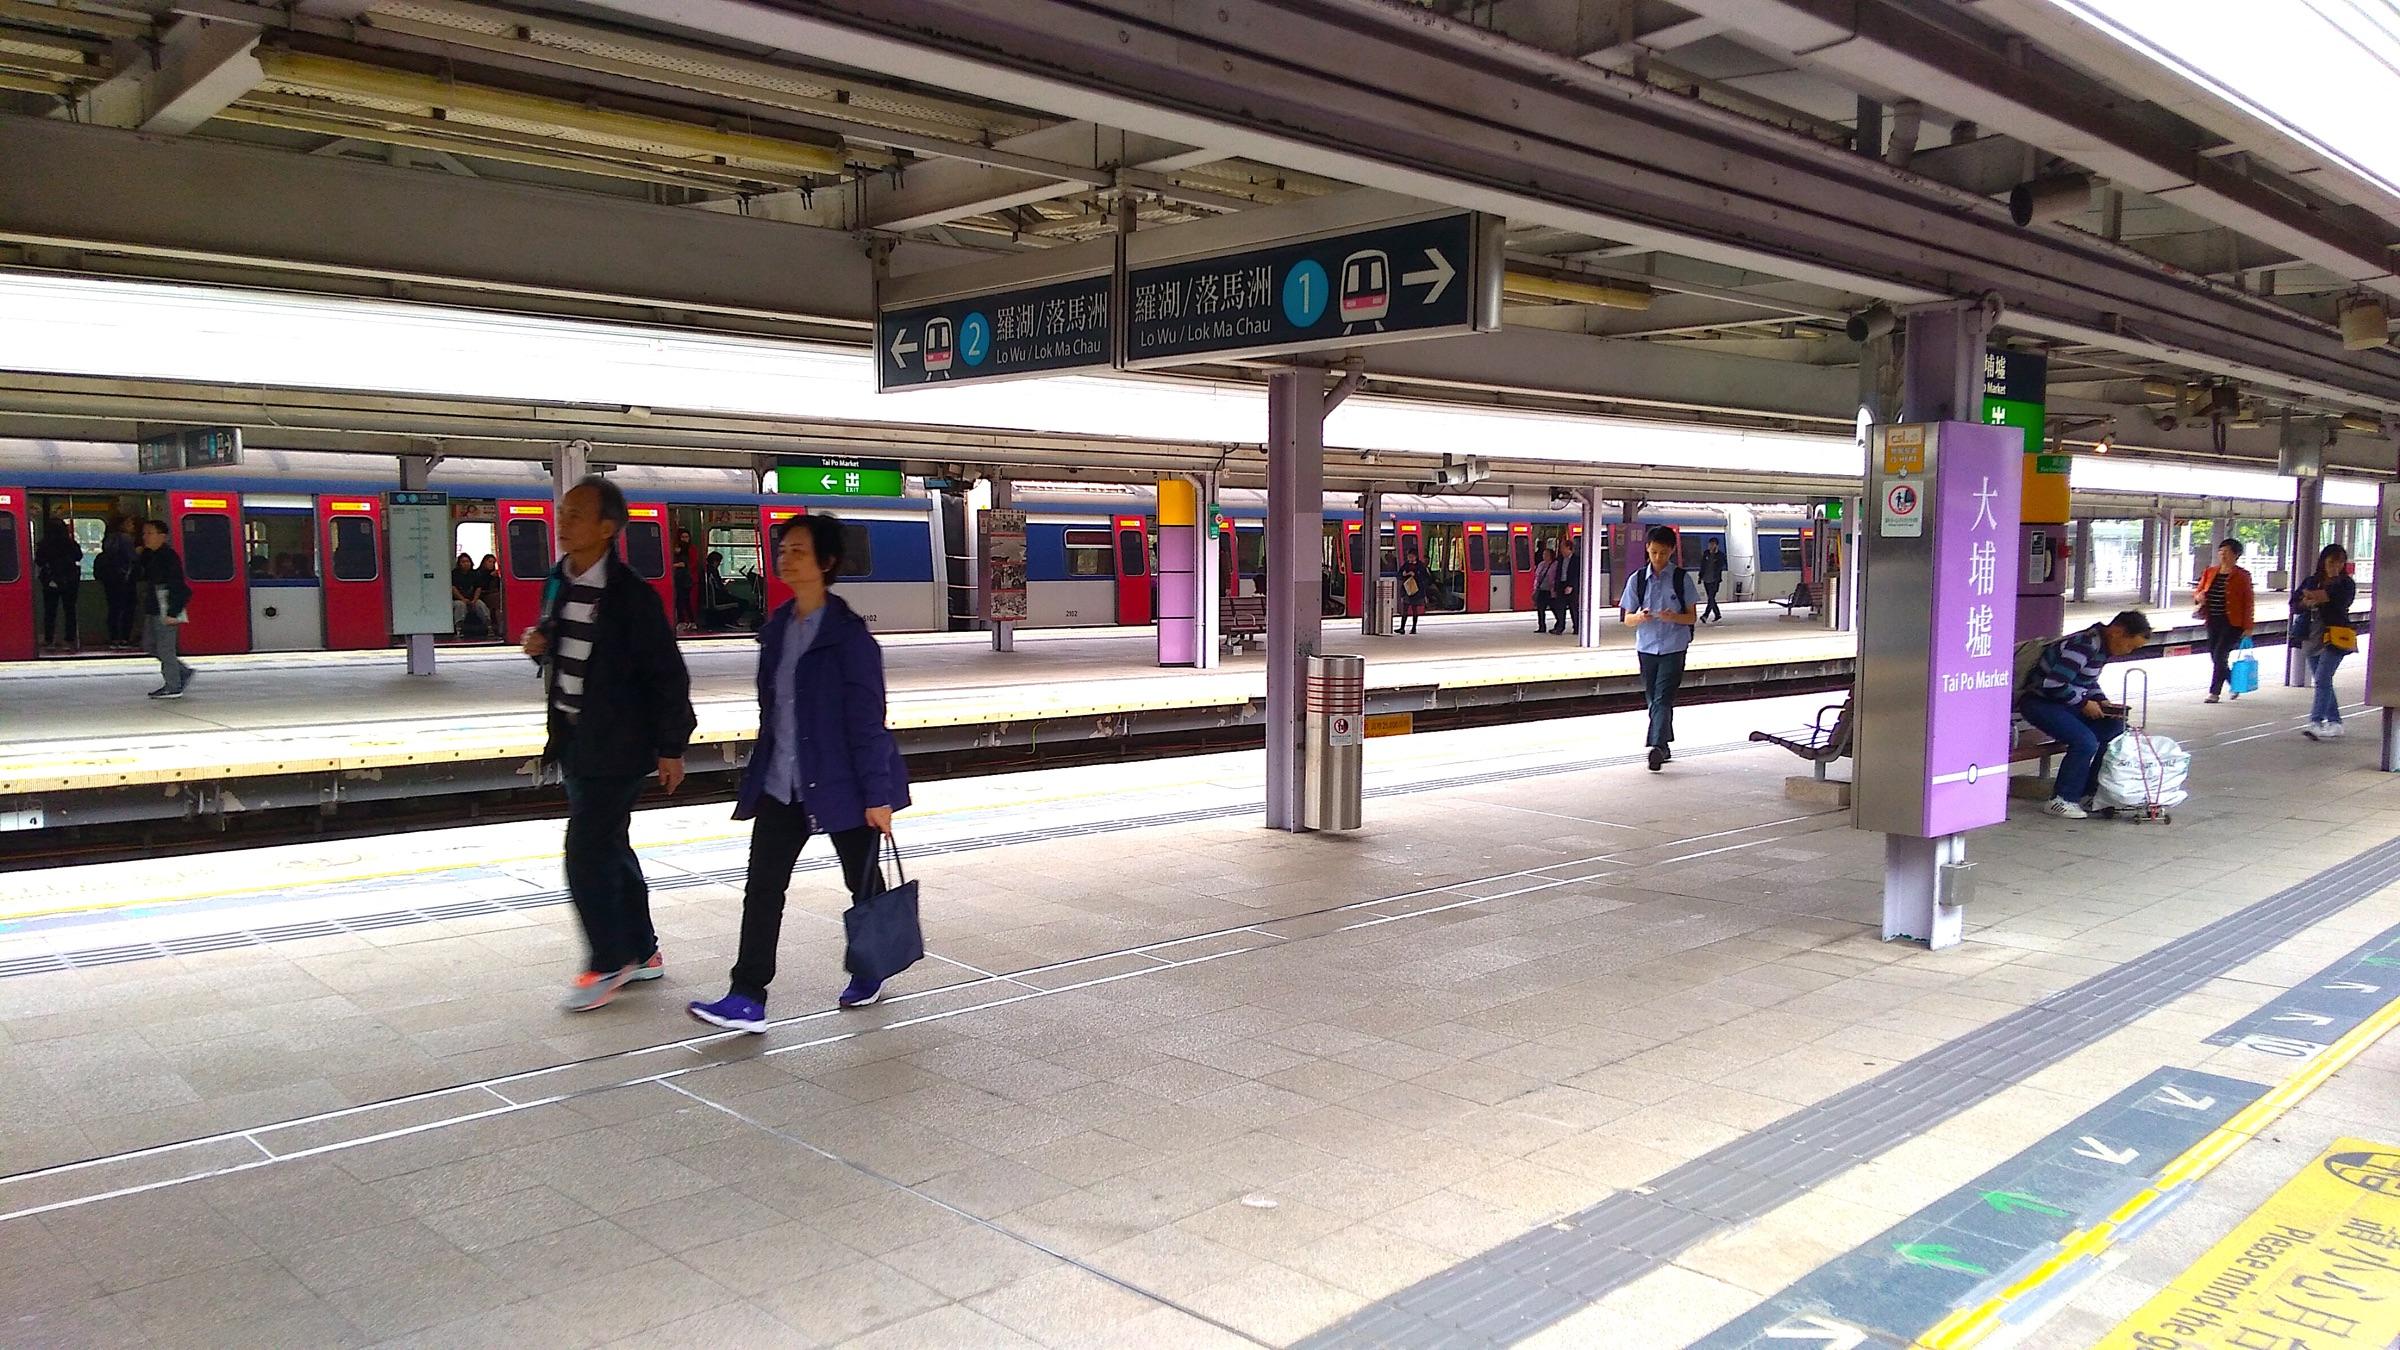 香港 旺角から中国国境の街 深セン 羅湖へ MTR 大埔墟 Tai Po Market Station_[0]